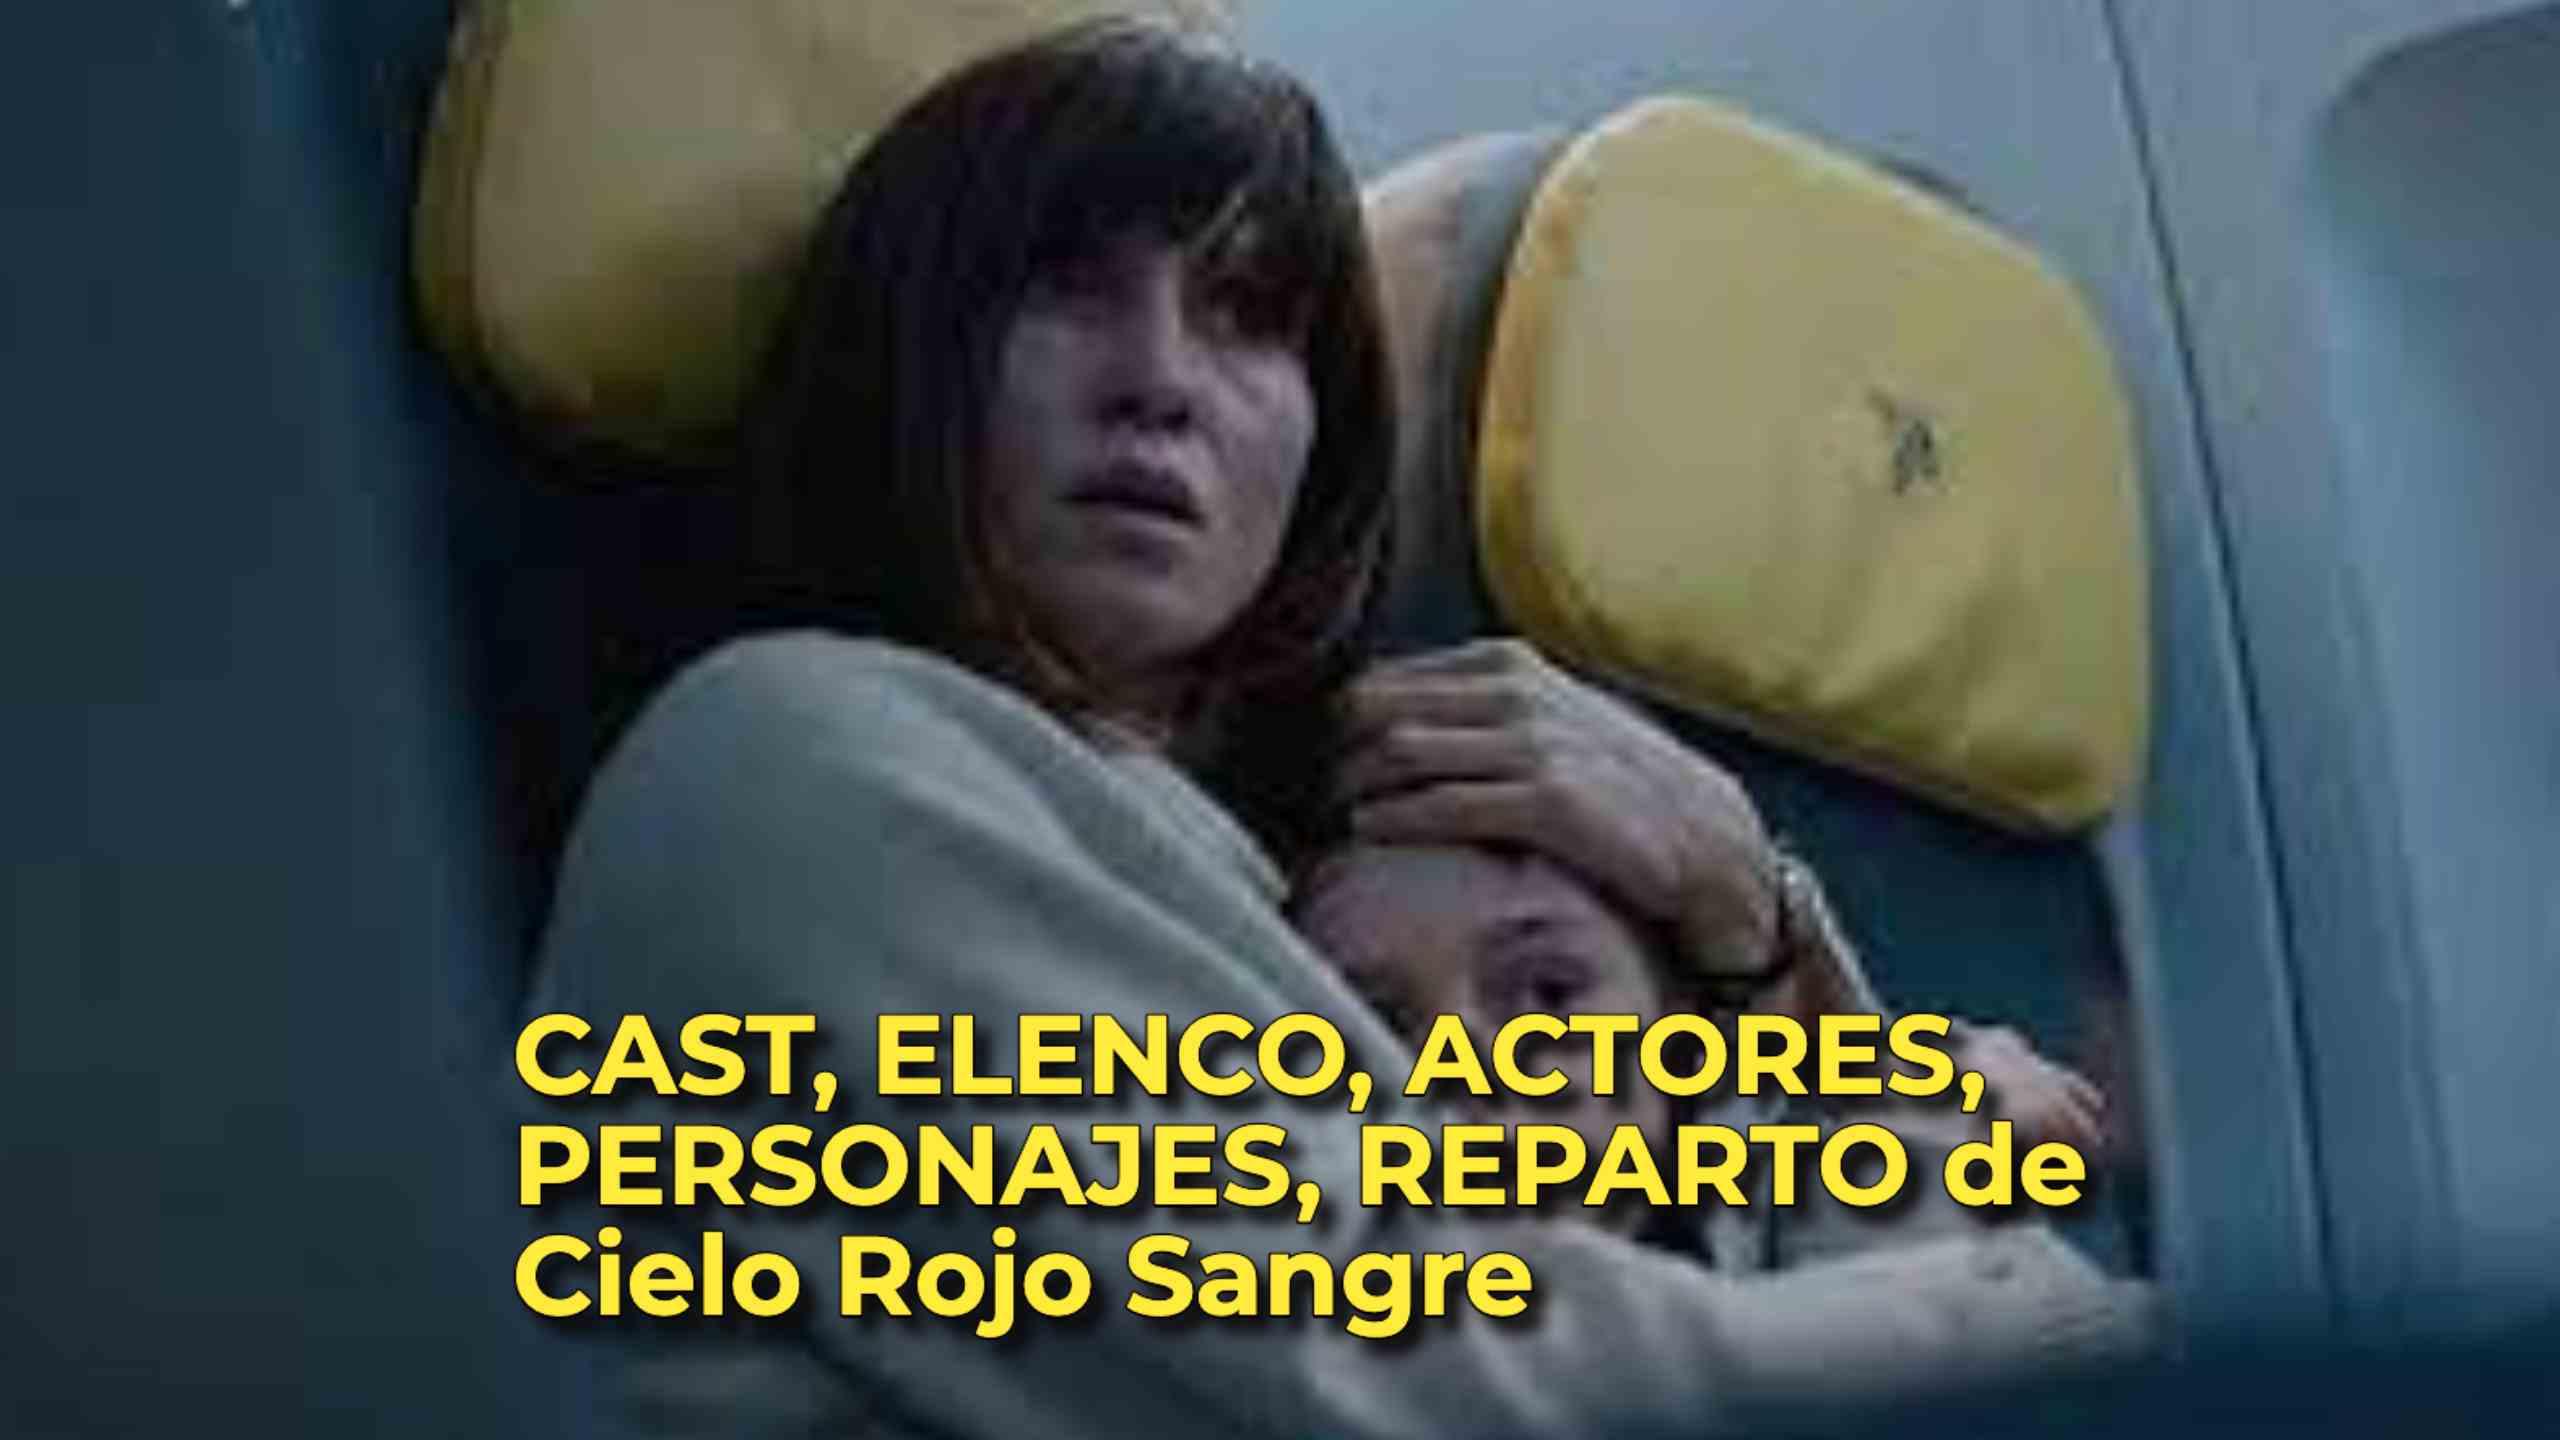 CAST, ELENCO, ACTORES, PERSONAJES, REPARTO de Cielo Rojo Sangre